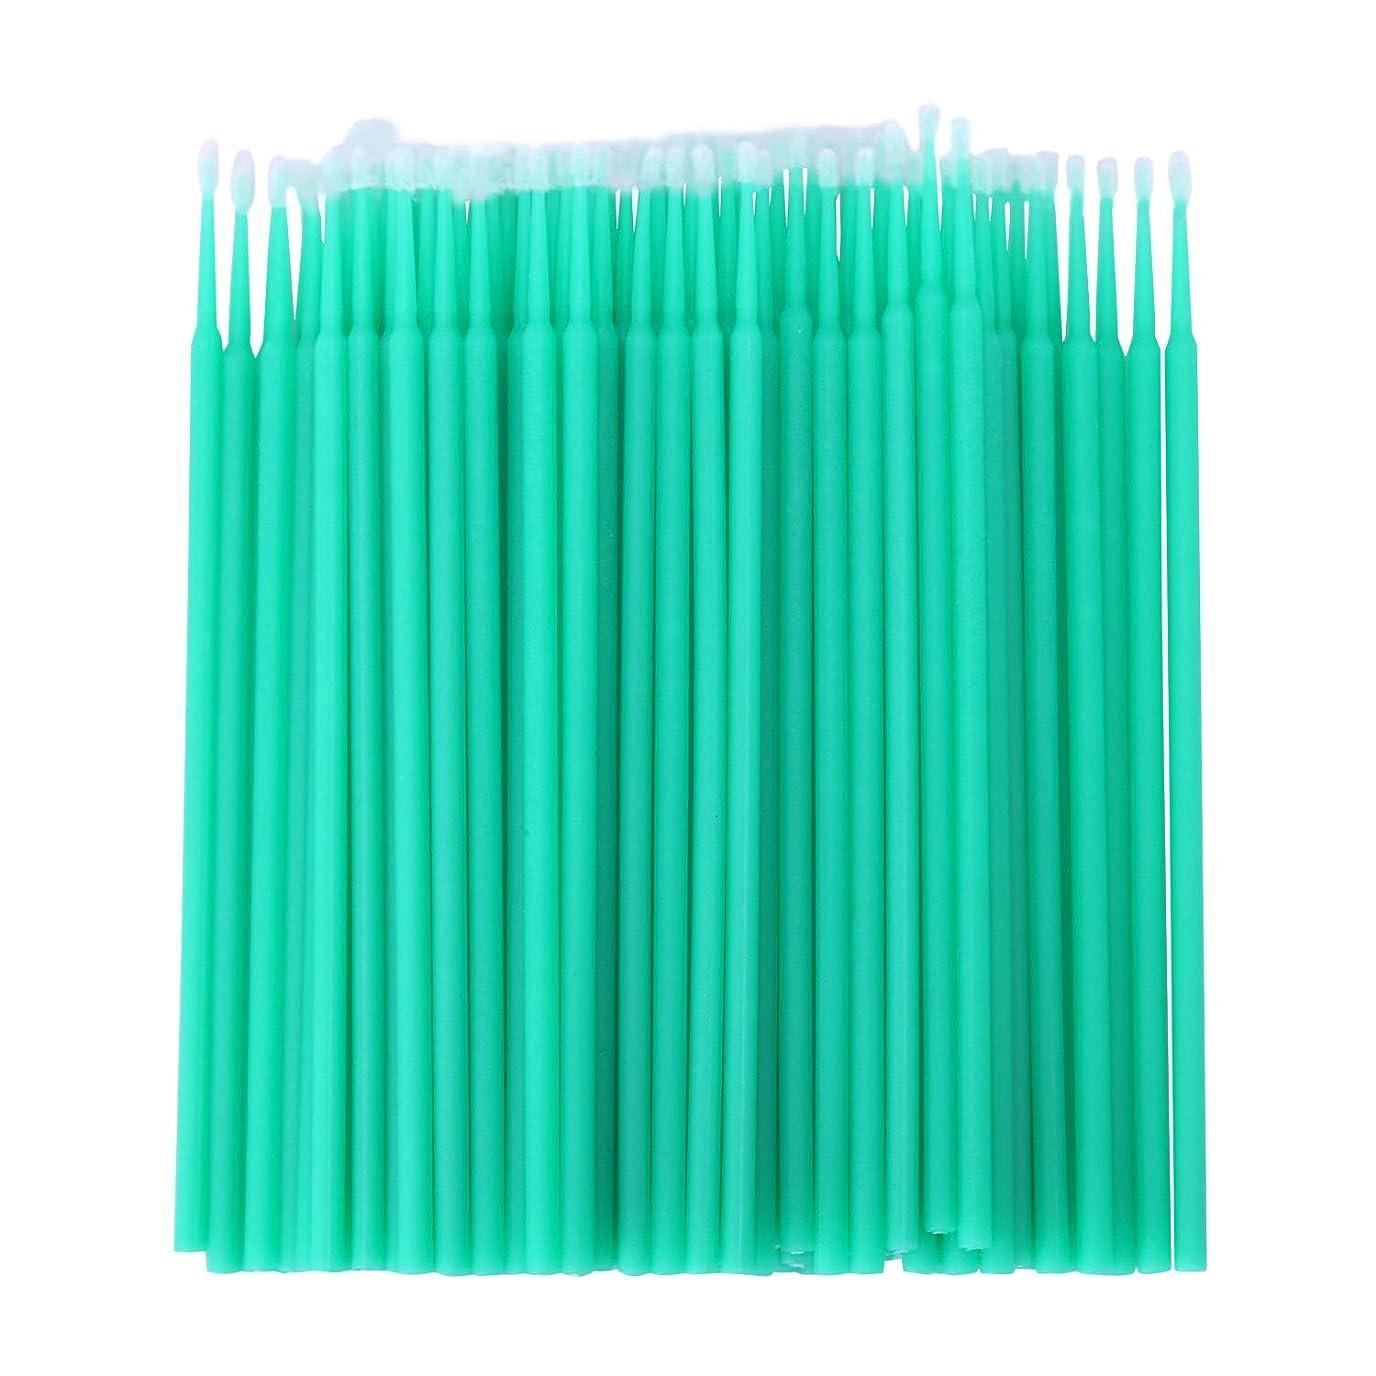 リングピアノ促すCUHAWUDBA 100個 歯科用マイクロブラシ 使い捨て材料 歯用アプリケーター ミディアムファイン(ライトグリーン)